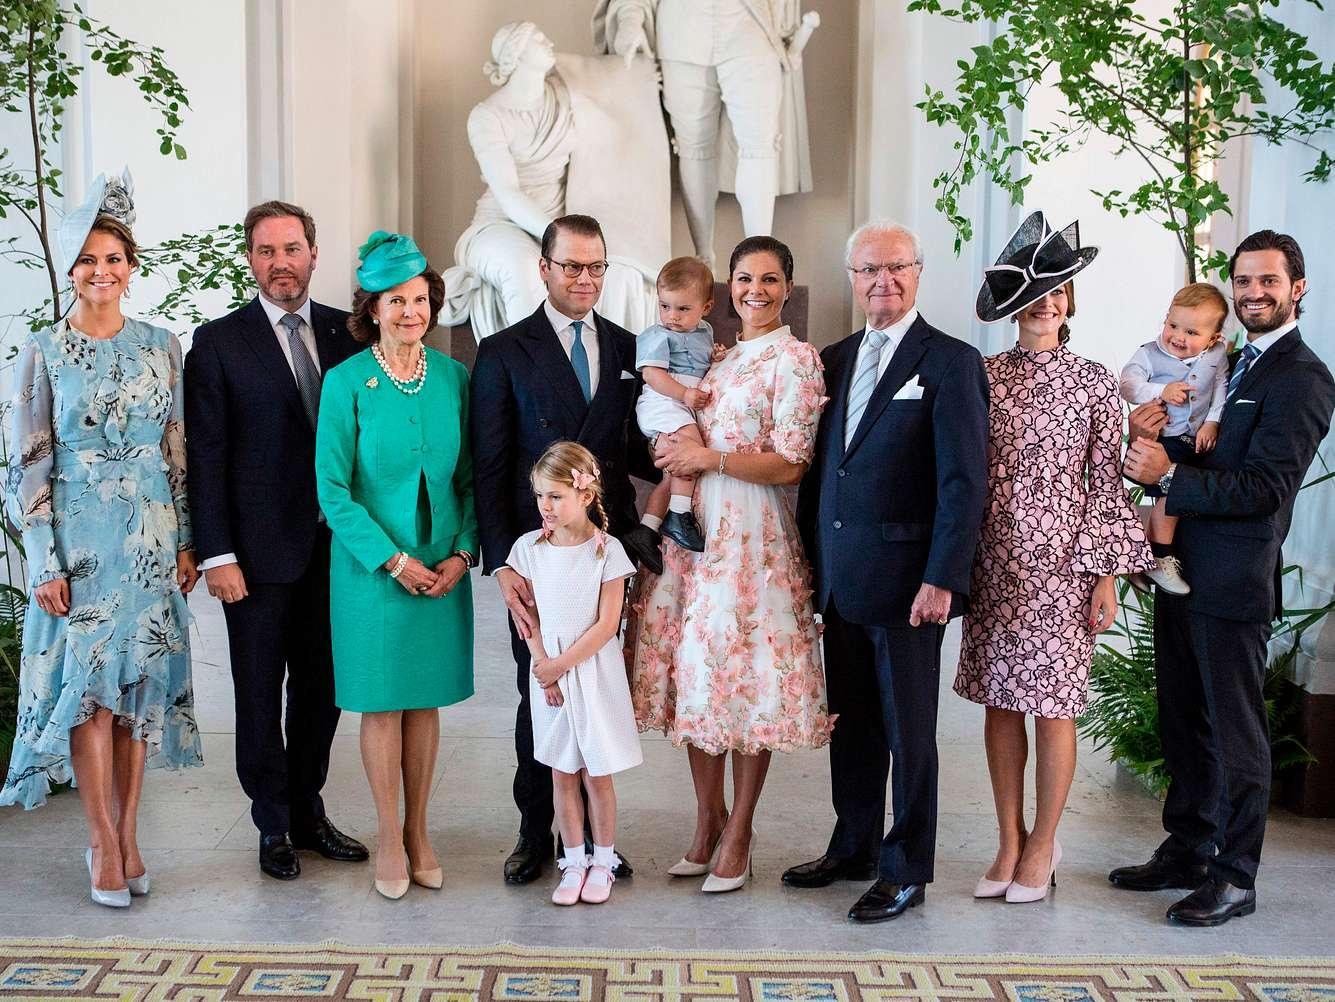 Familienfoto der schwedischen Royals anlässlich Kronprinzessin Victorias 40. Geburtstag.